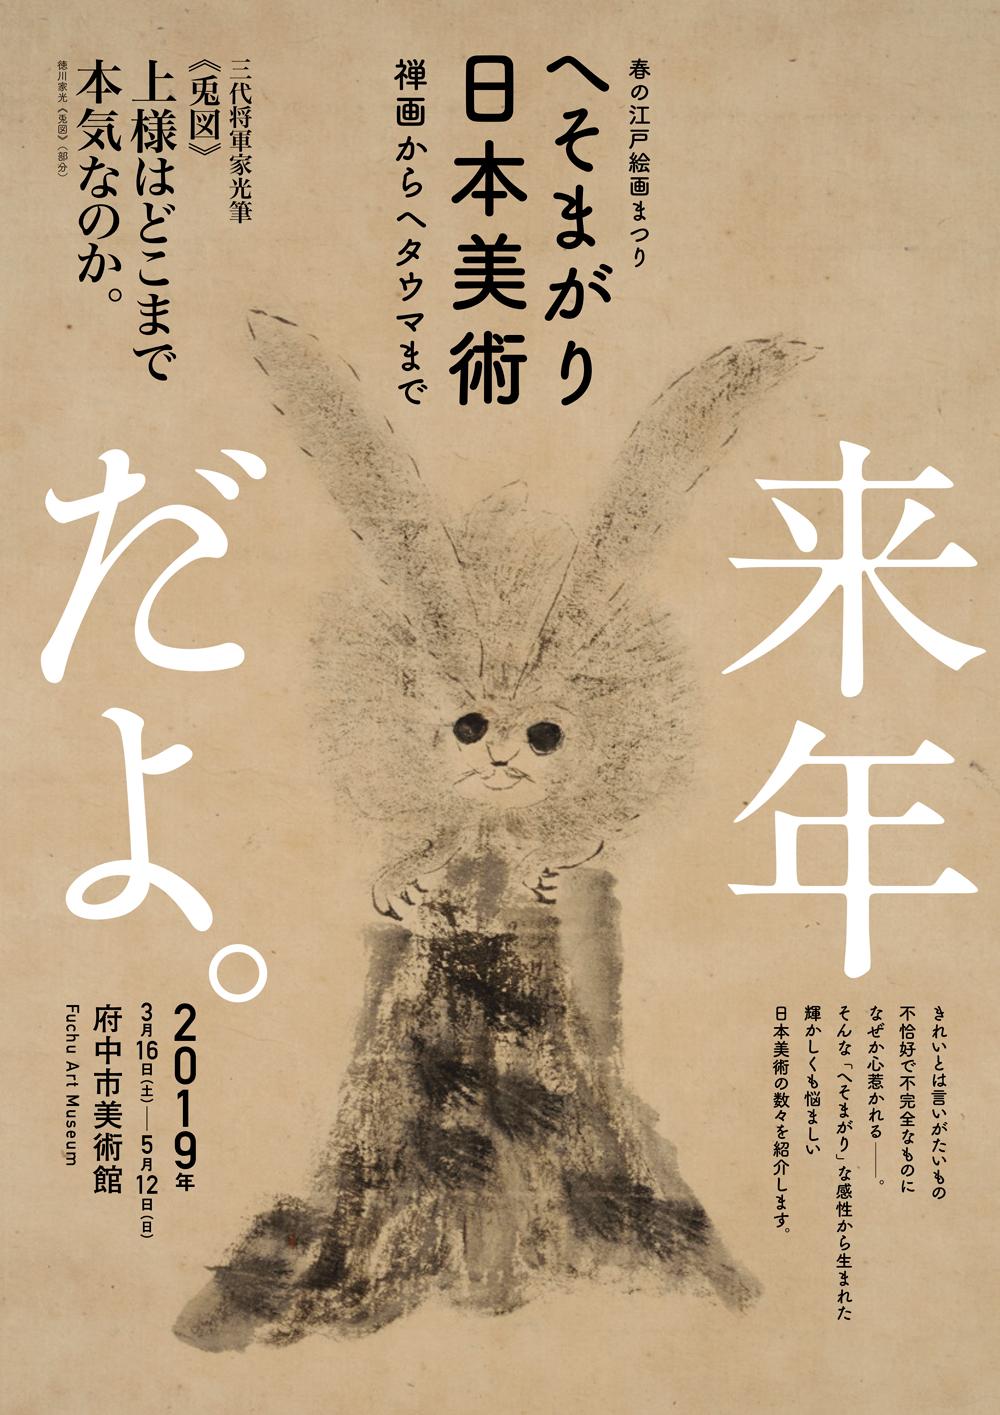 春の江戸絵画まつり へそまがり日本美術 禅画からヘタウマまで